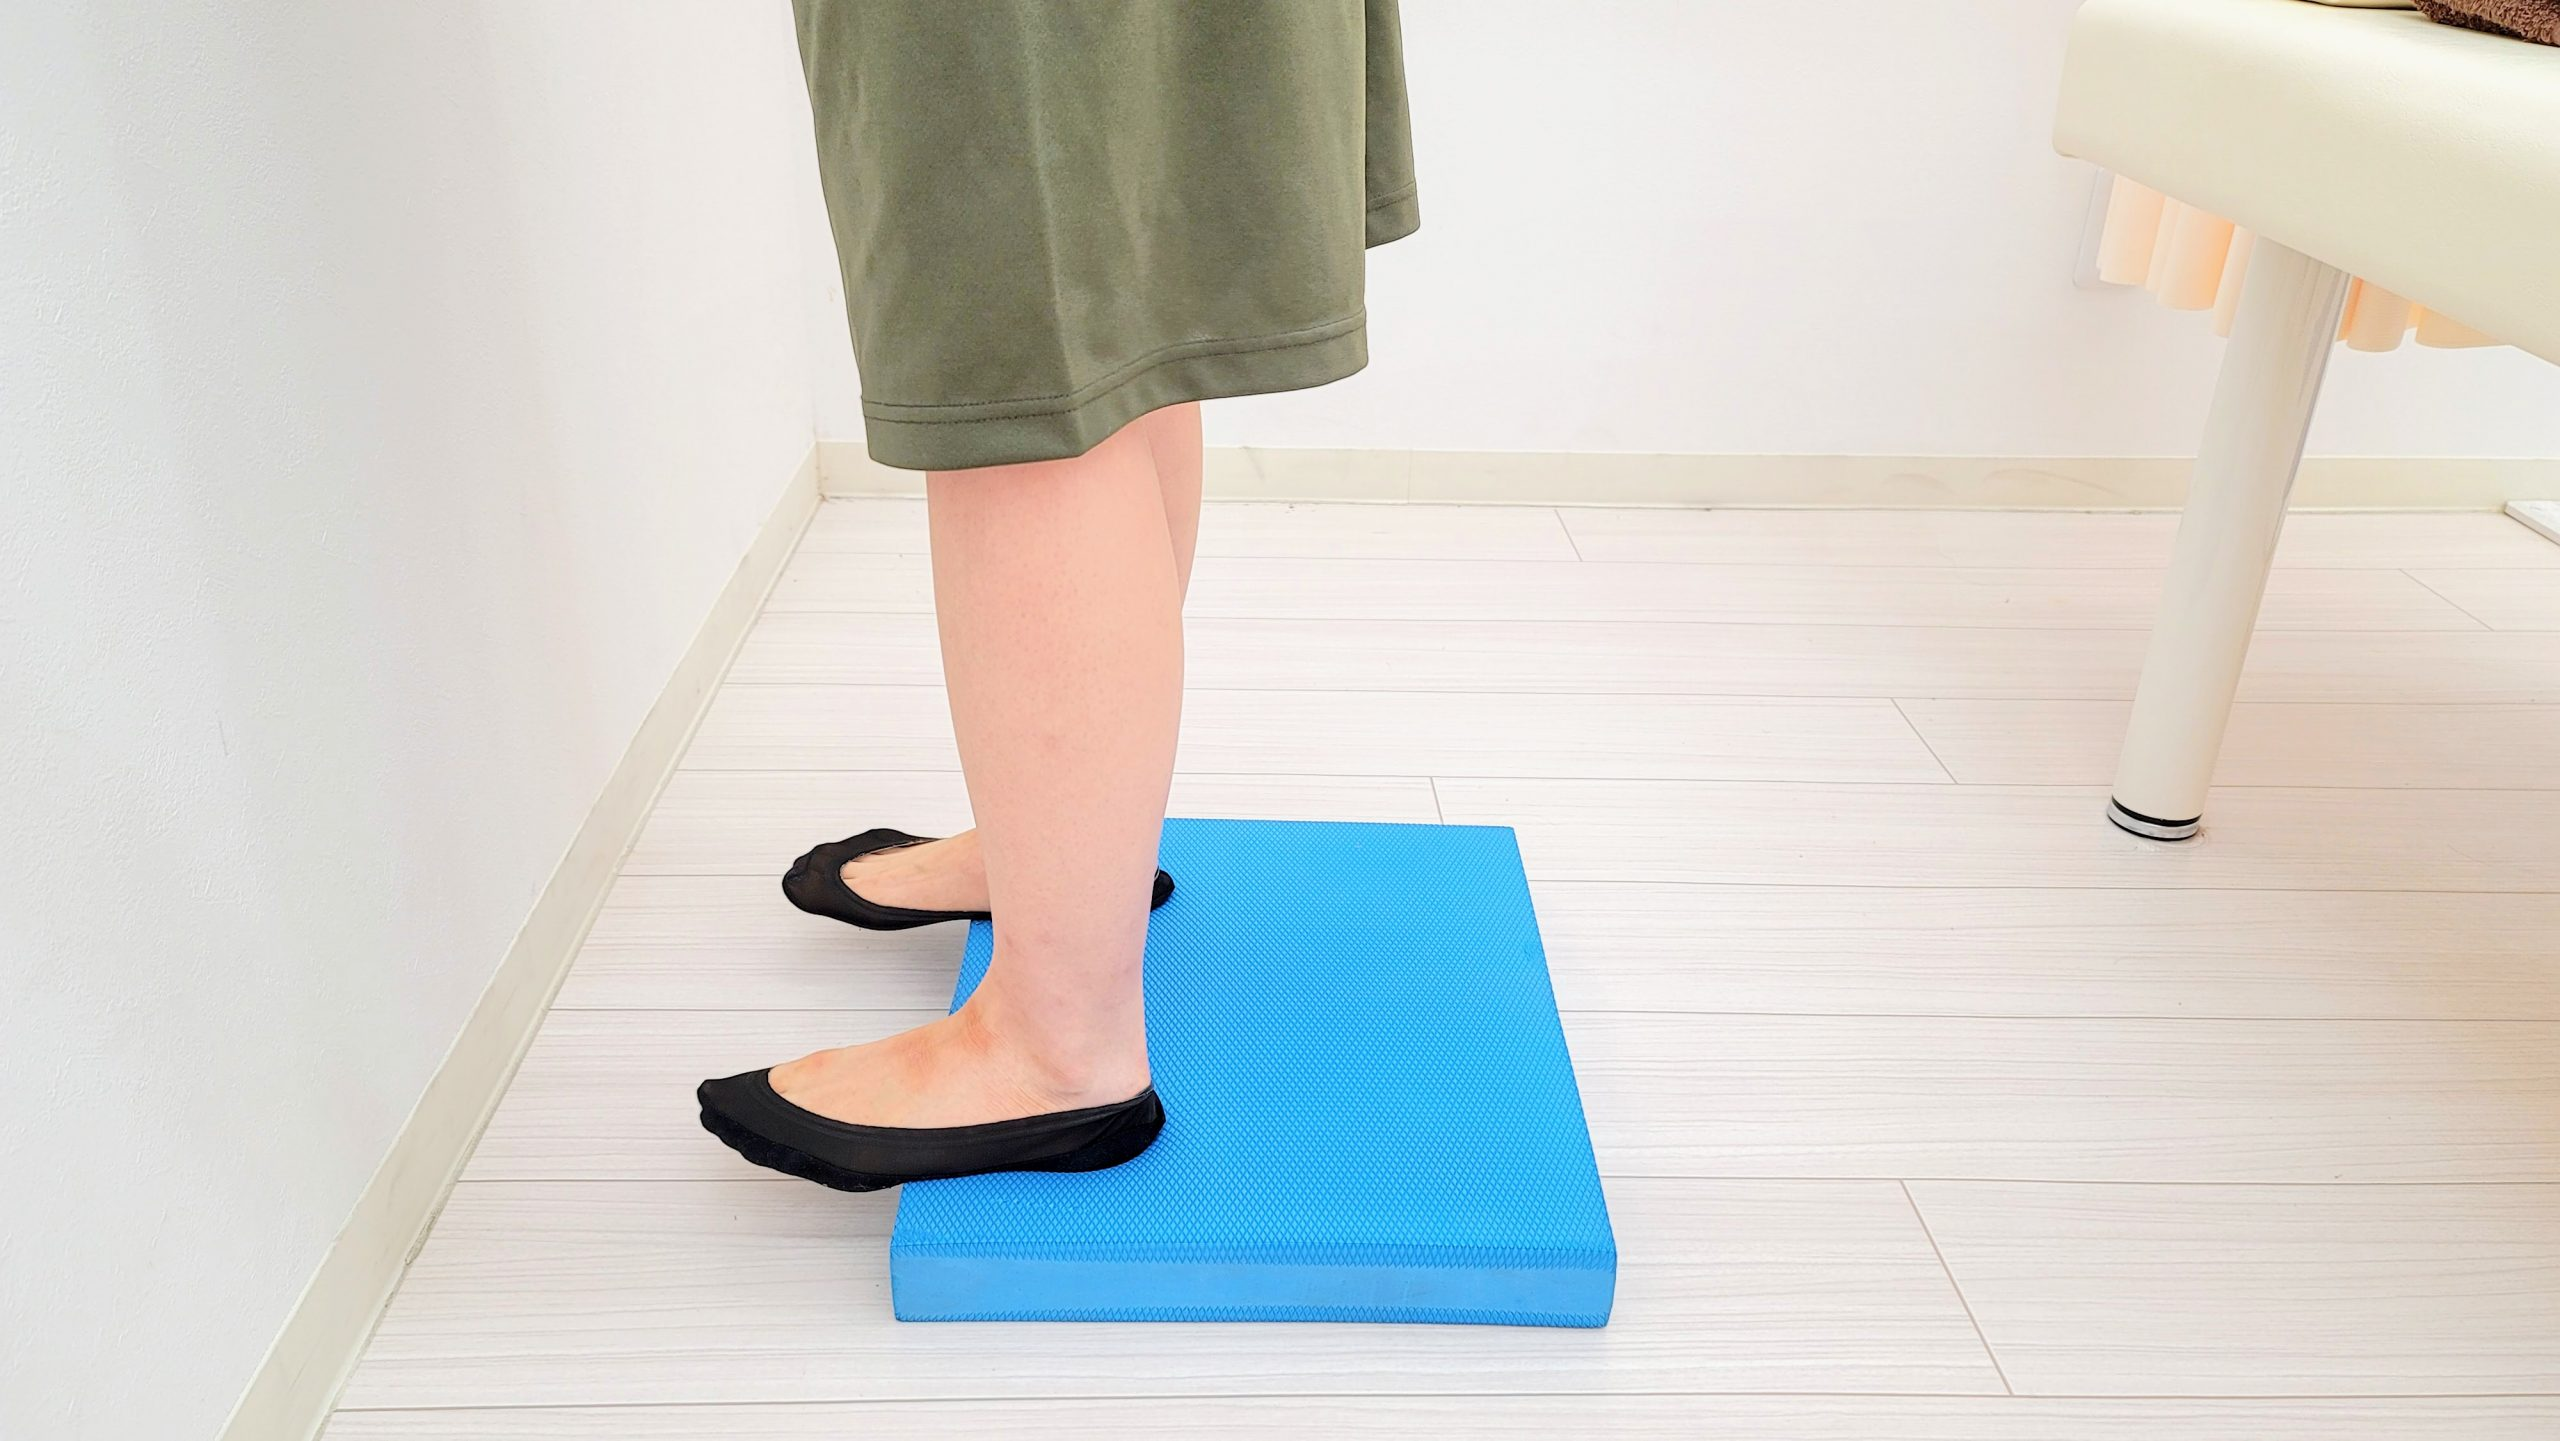 肩こり、腰痛の方にもオススメ!かかとのバランストレーニング